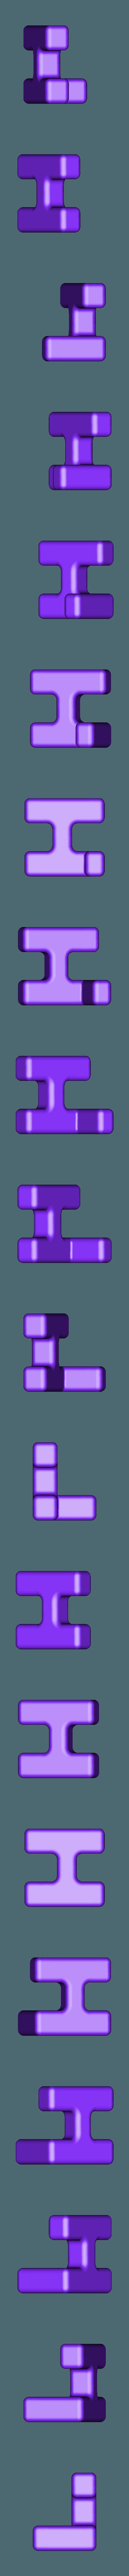 LoveHate_3D_optical_illusion_L-H.stl Télécharger fichier STL gratuit L'amour et la haine - illusion d'optique • Modèle pour impression 3D, fusefactory